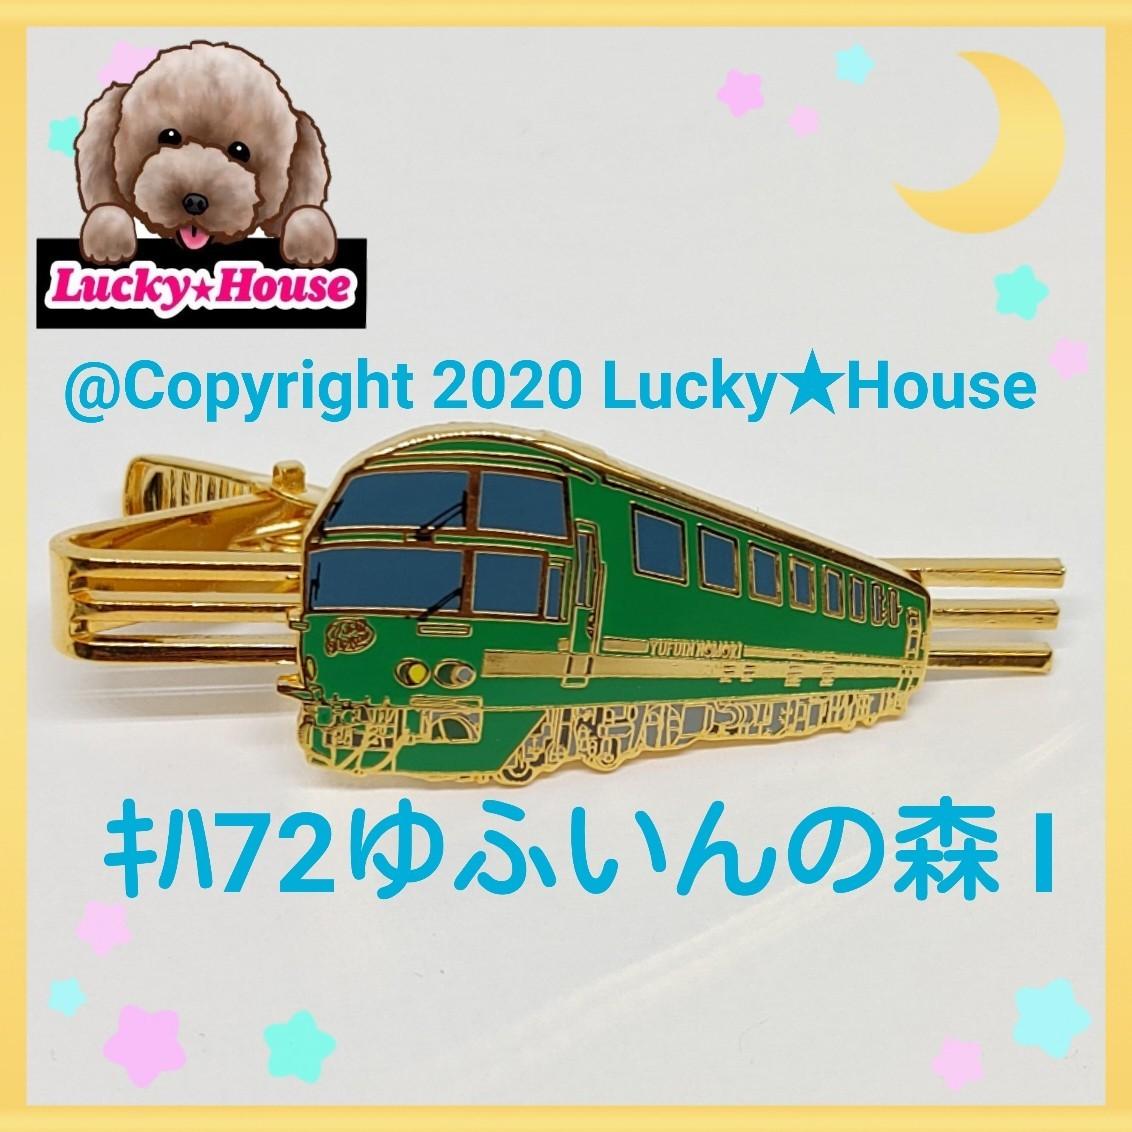 ネクタイピン キハ72 ゆふいんの森Ⅰ 電気機関車 鉄道 電車  JR電気機関車 グッズ コレクター コレクション タイバー